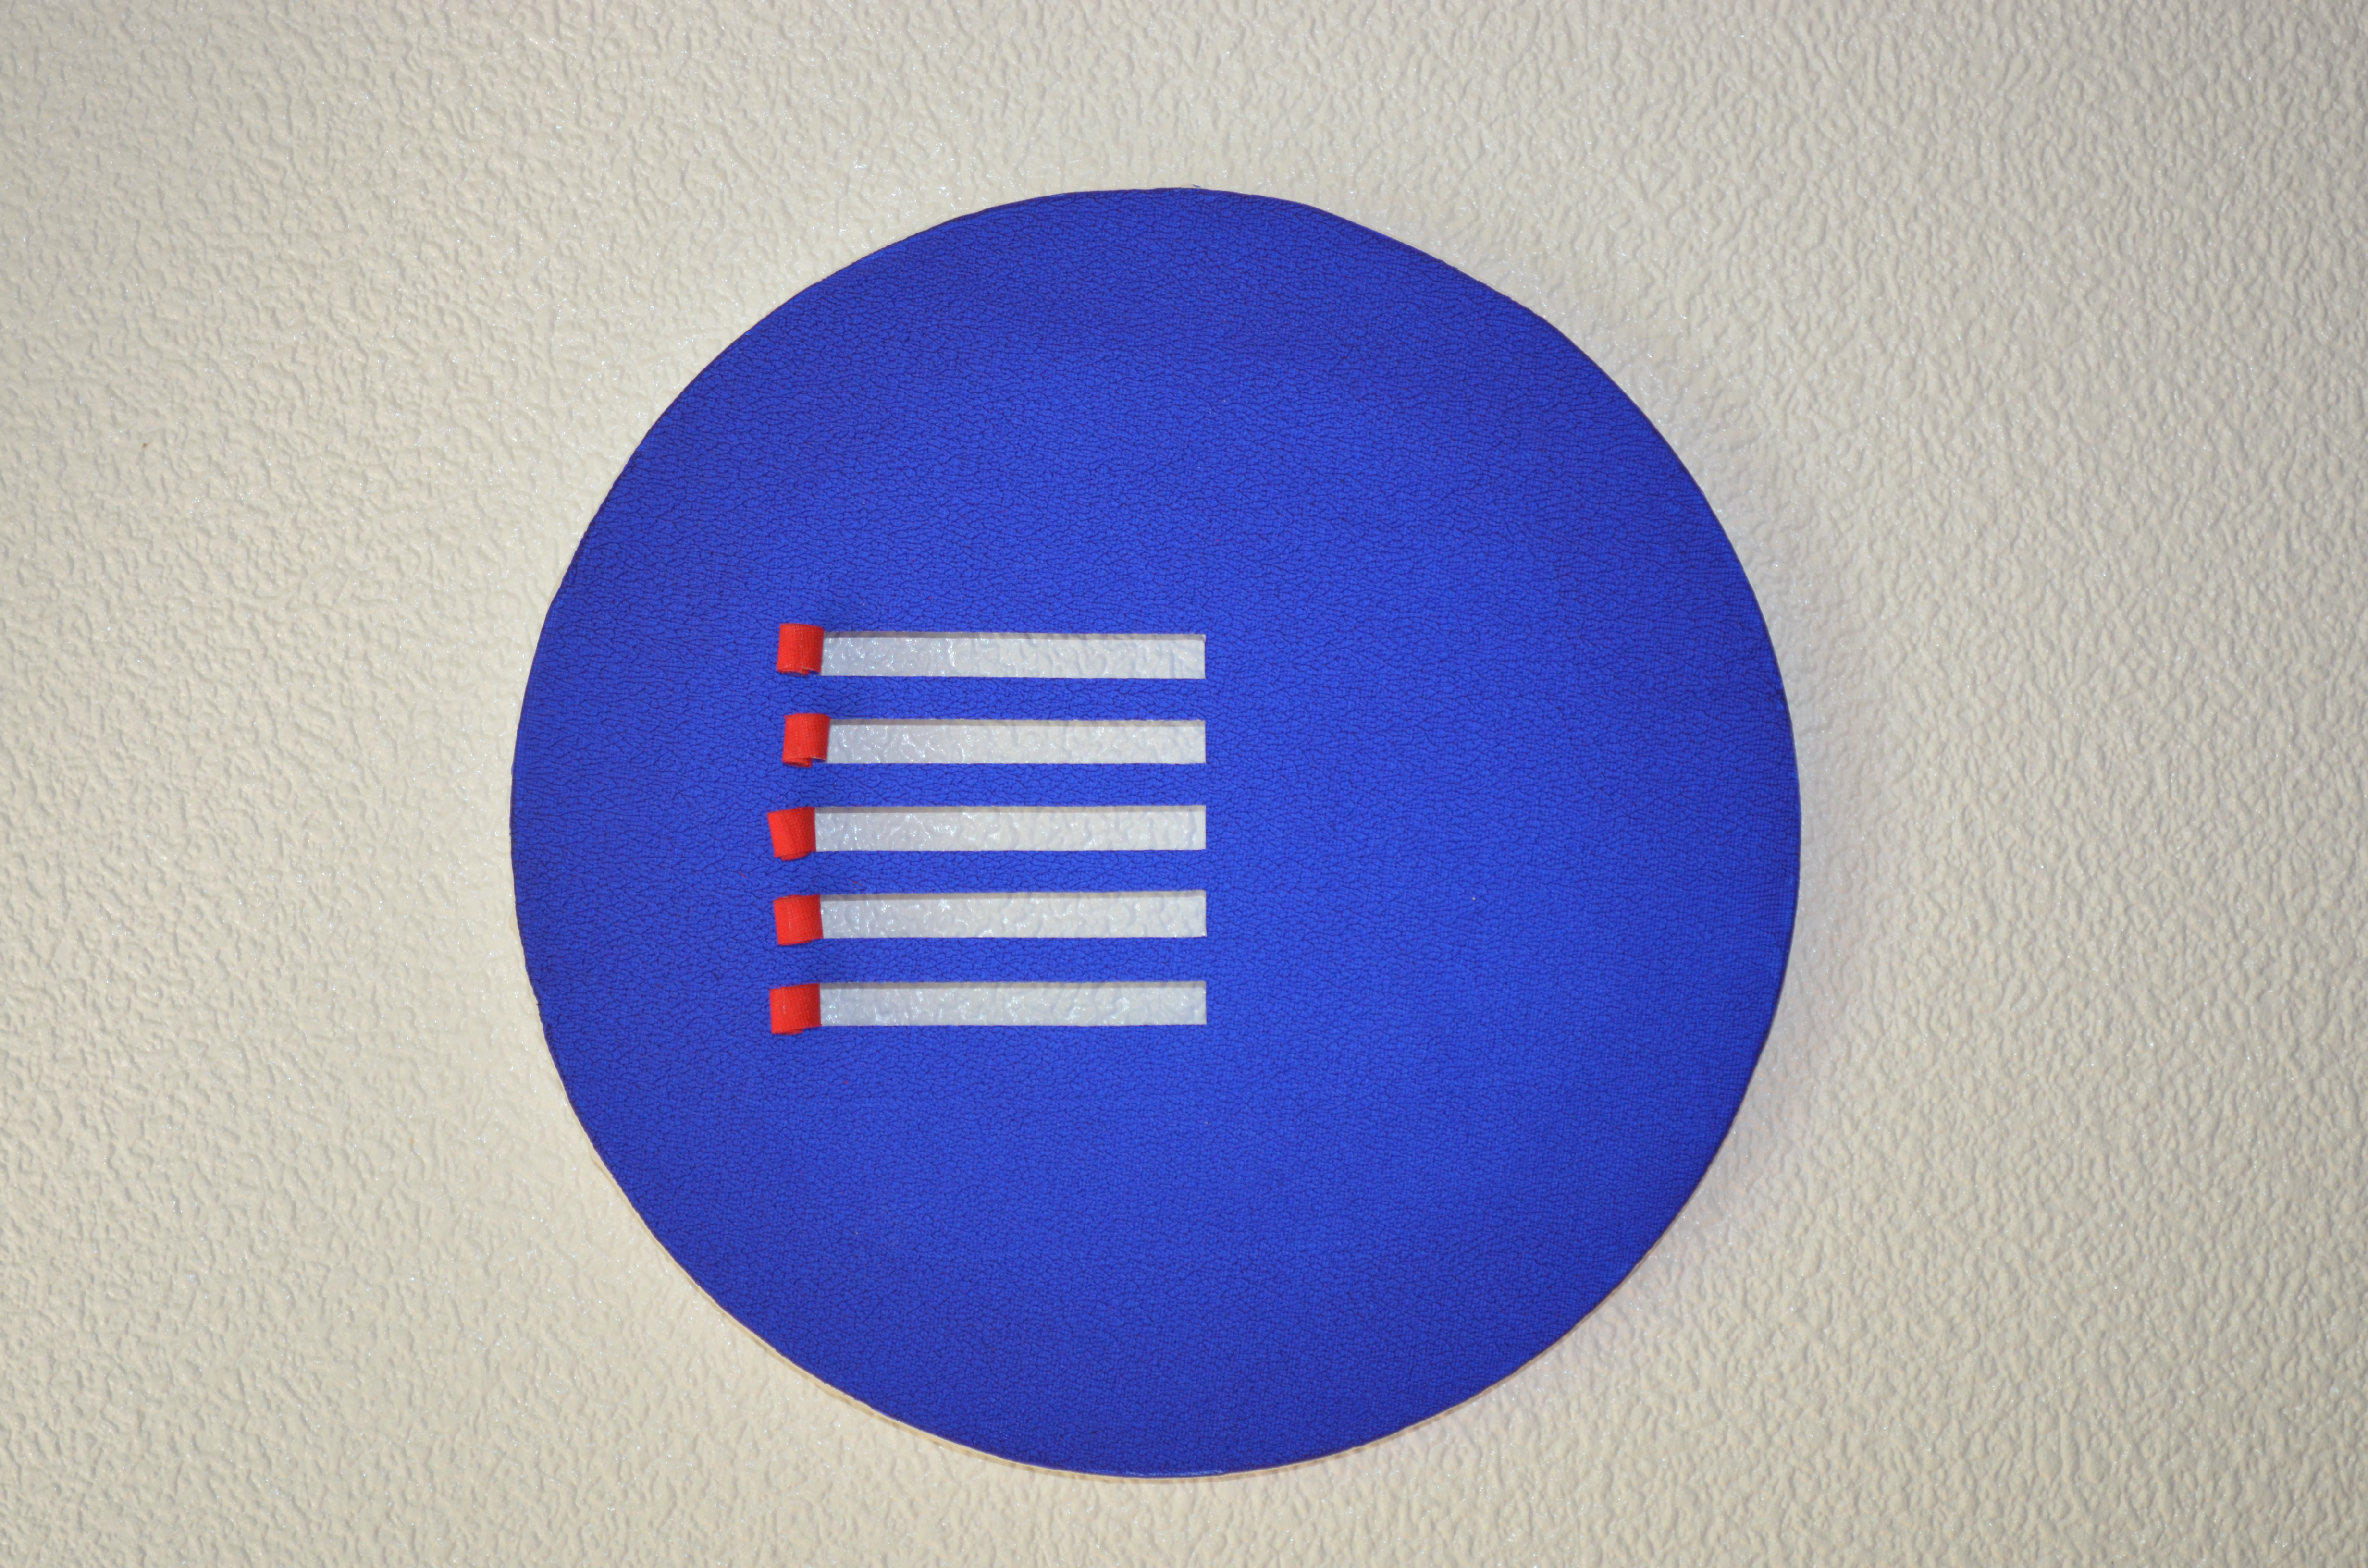 Acryl - blaues Rund mit rotem Quadrat